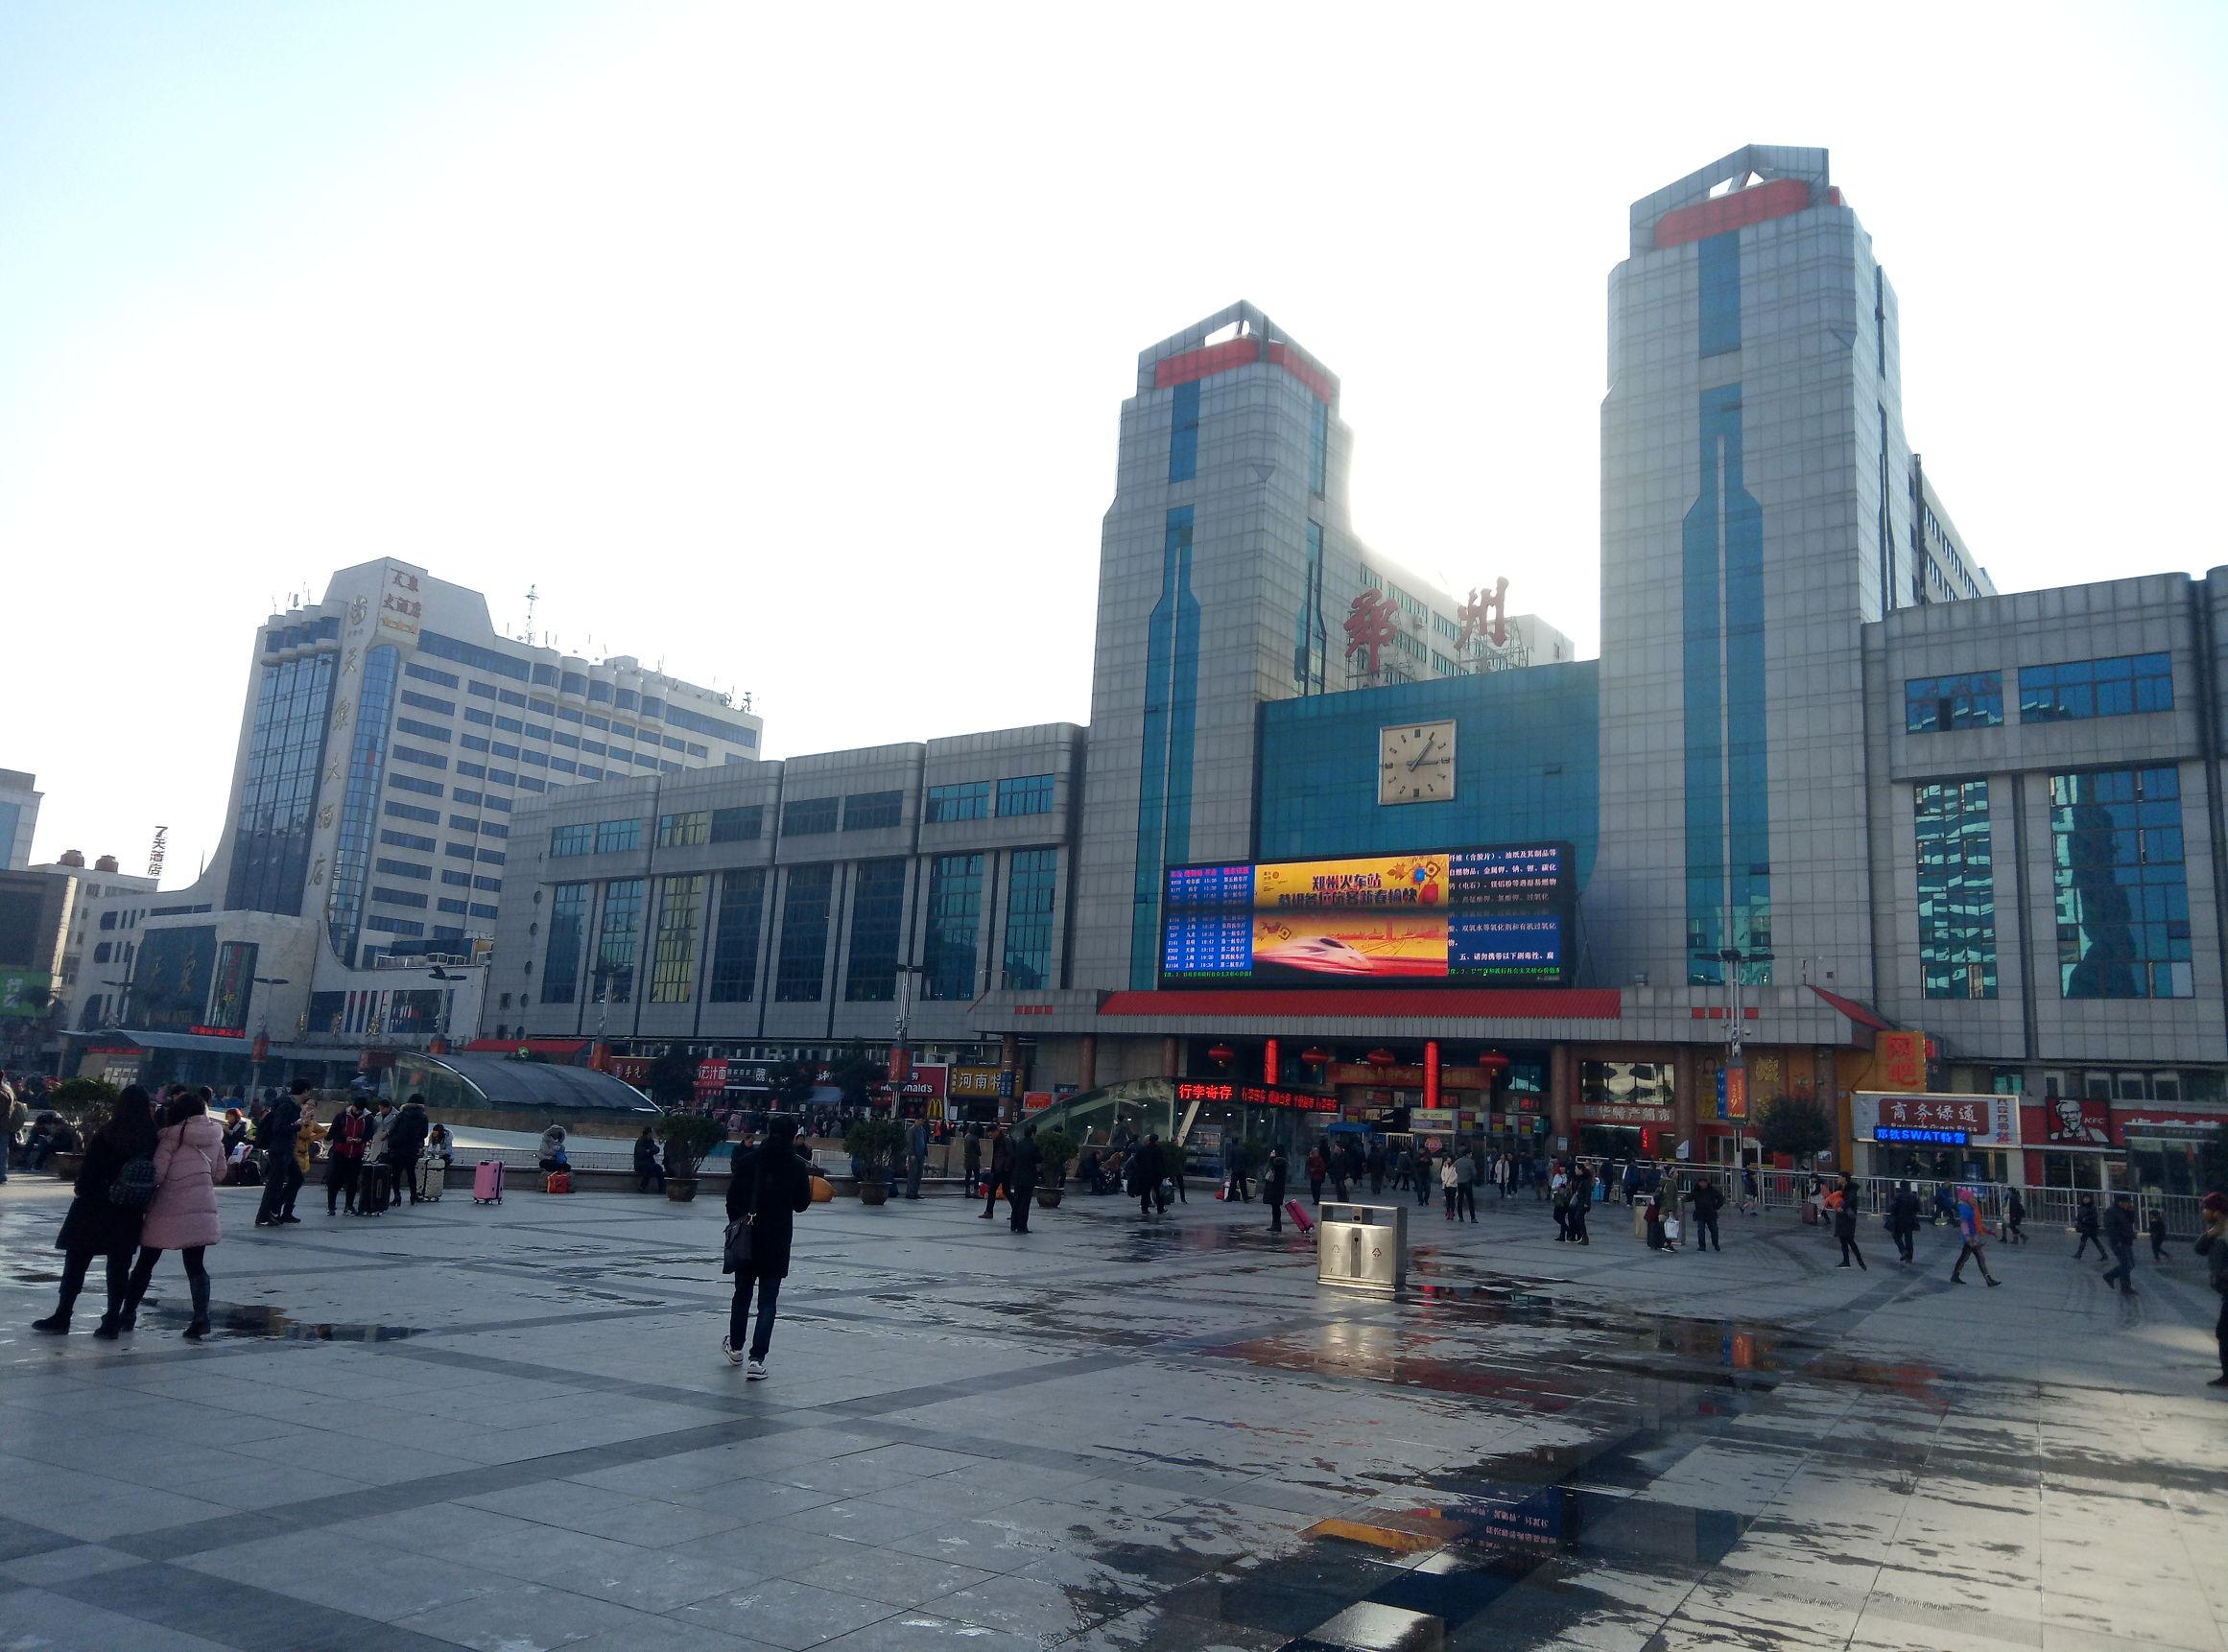 给郑州站来个特写吧,过几天整个广场该都是人了。